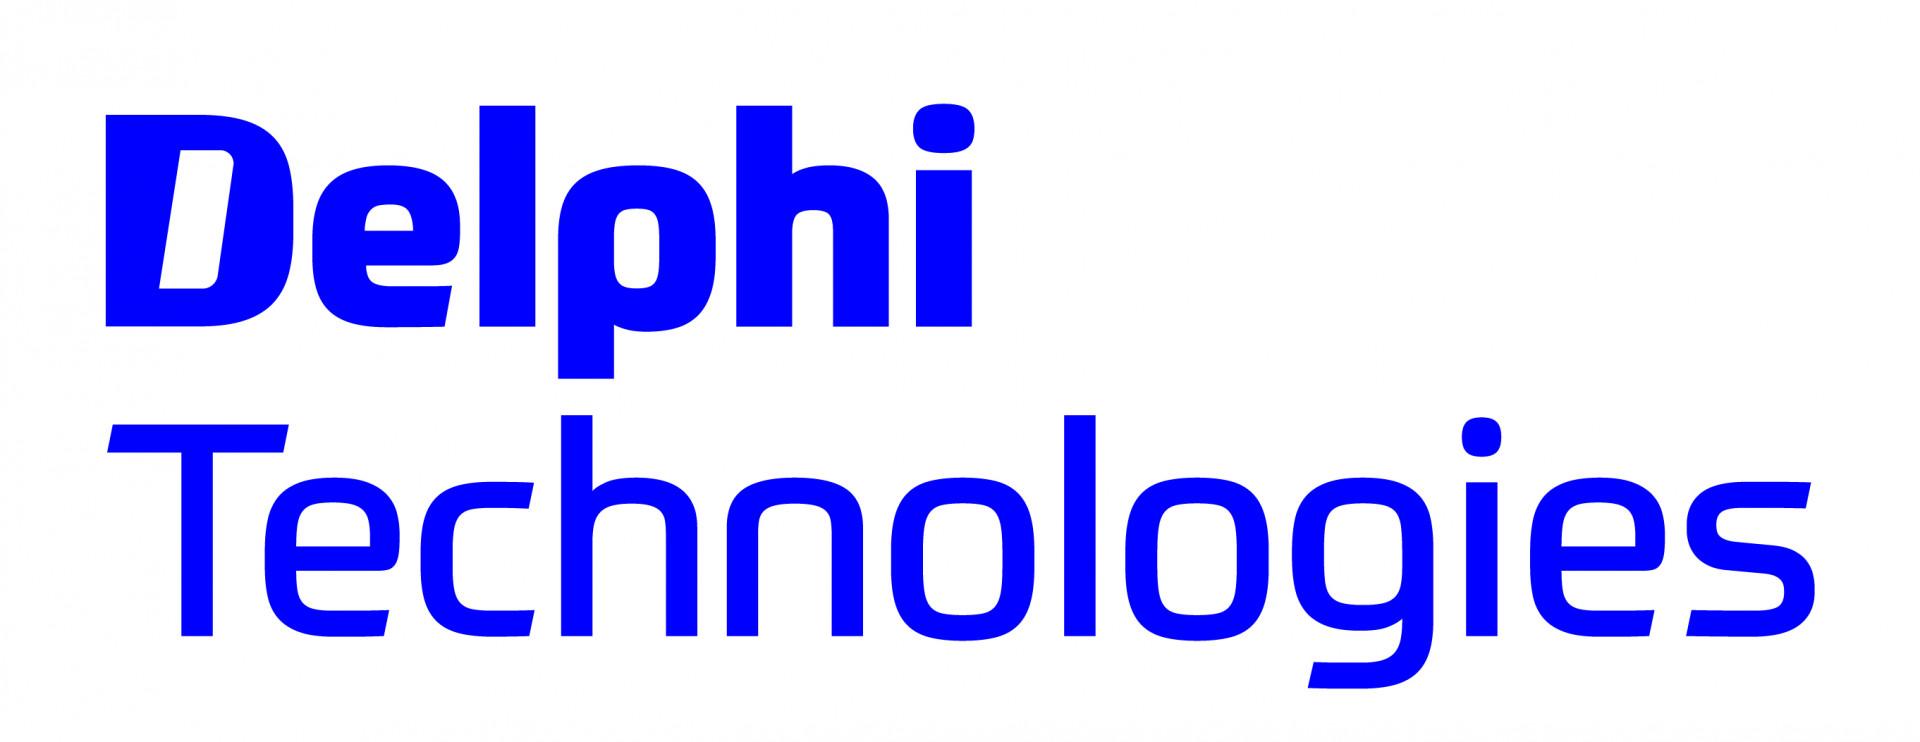 logo Delphi Technologies.jpg